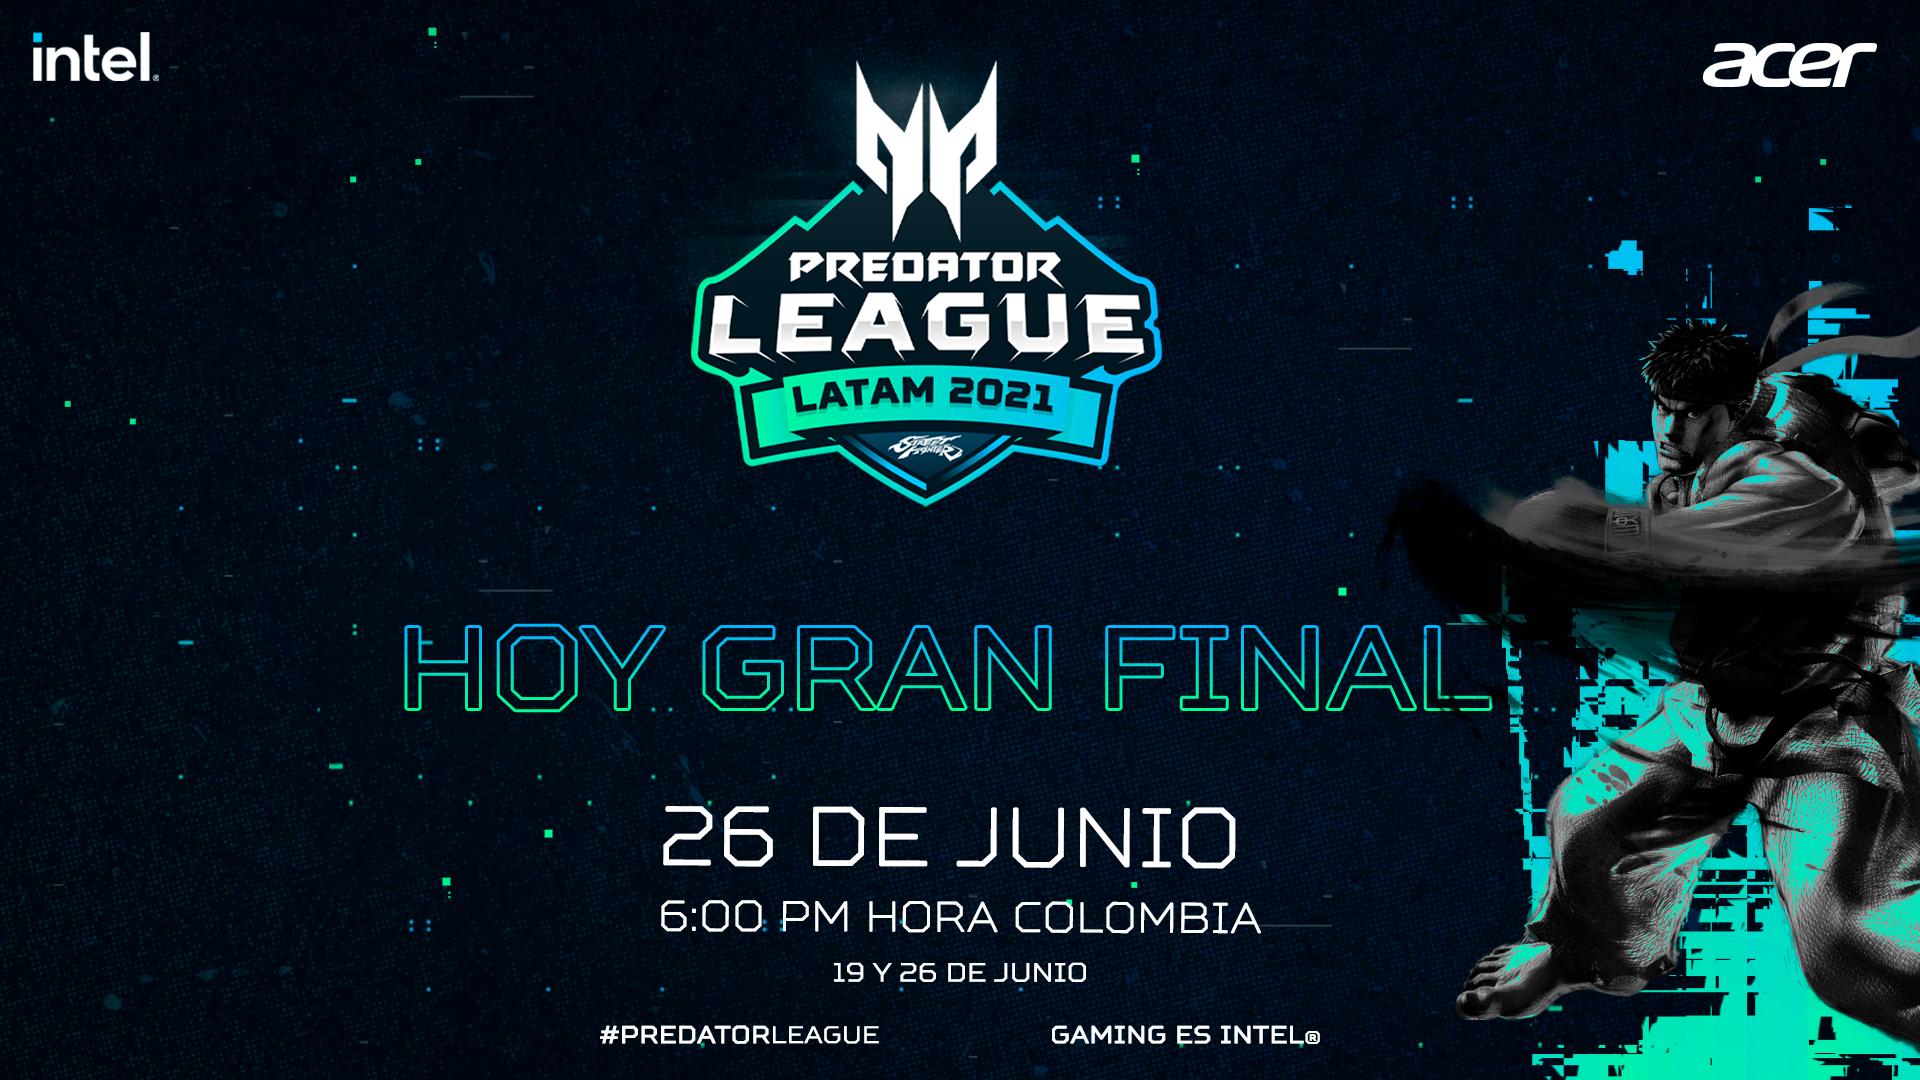 Predator League LATAM Street Fighter 2021 final